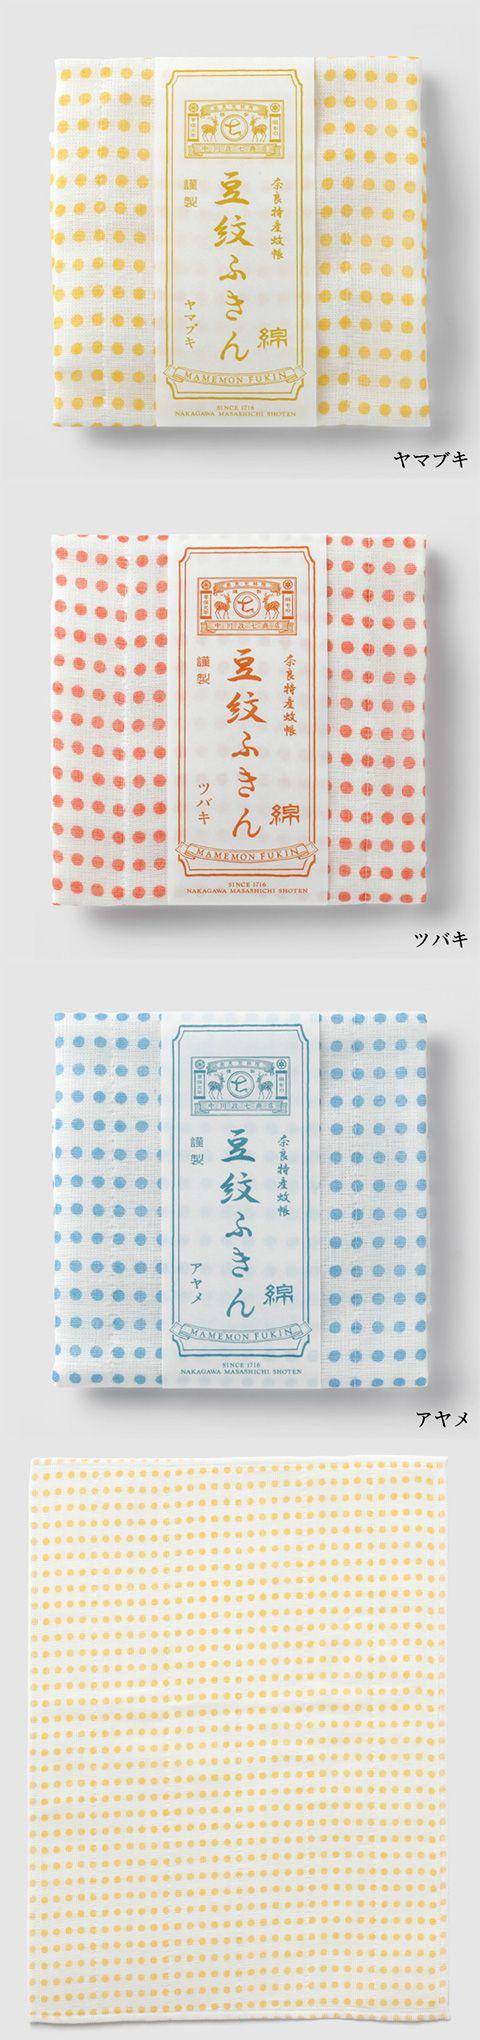 【豆紋ふきん(中川政七商店)】/奈良県の特産品である蚊帳生地。生活様式の変化によって需要が減少した蚊帳生地をなんとかものづくりに活かしたいという思いから蚊帳生地の特徴である「平織り」を活かした、機能的な「ふきん」を作りました。こちらはご好評いただいております、中川政七商店の注染手拭いの豆絞柄と同じデザインのふきん。